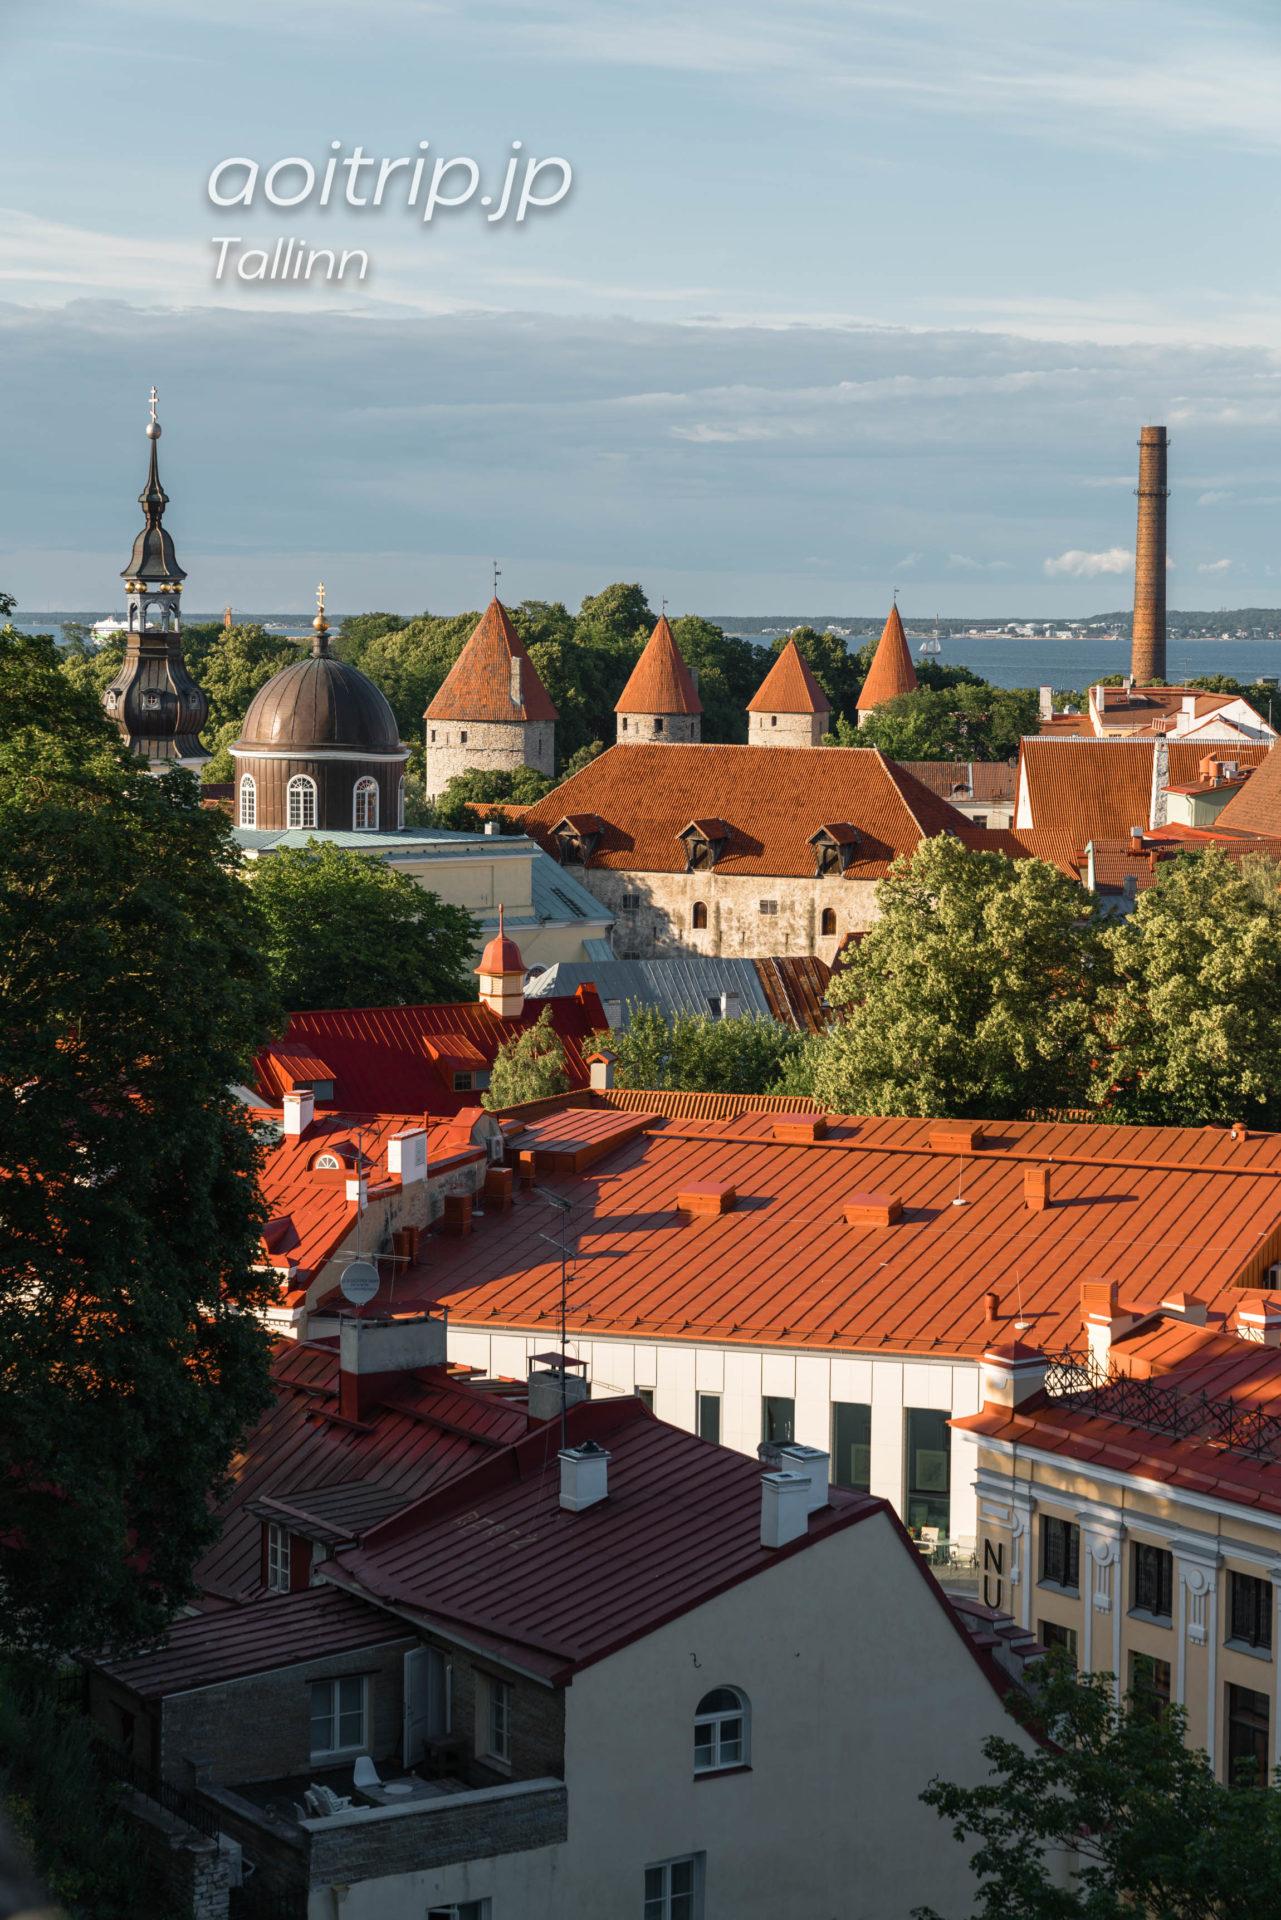 エストニアタリンの展望台 コフトウッツァ展望台